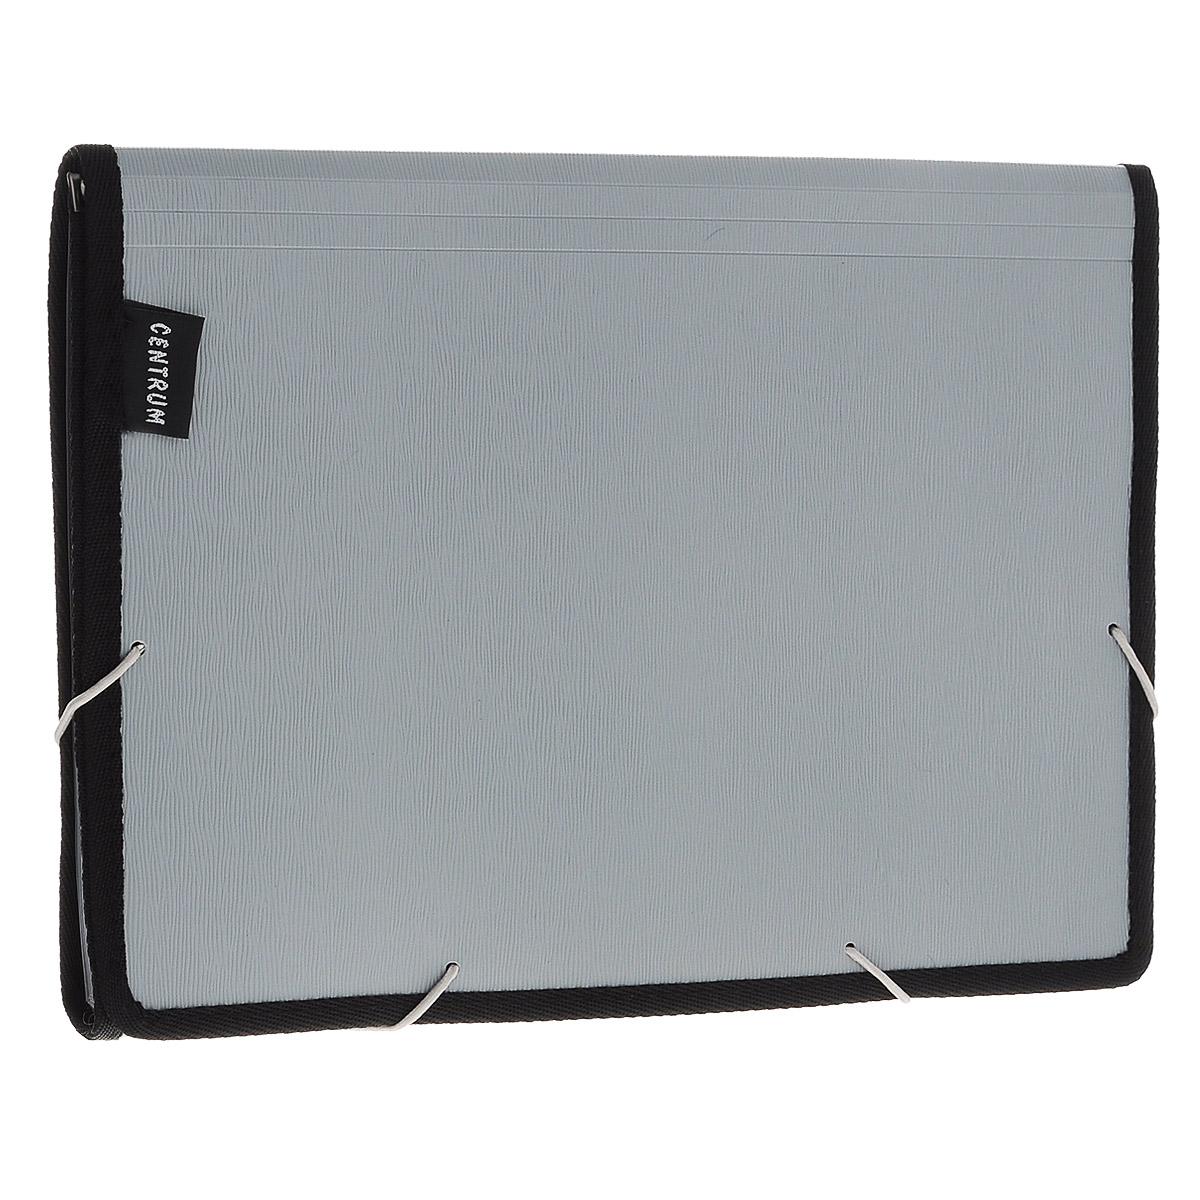 Папка-портфель  Centrum , 13 отделений, на резинке, цвет: серый, черный -  Папки